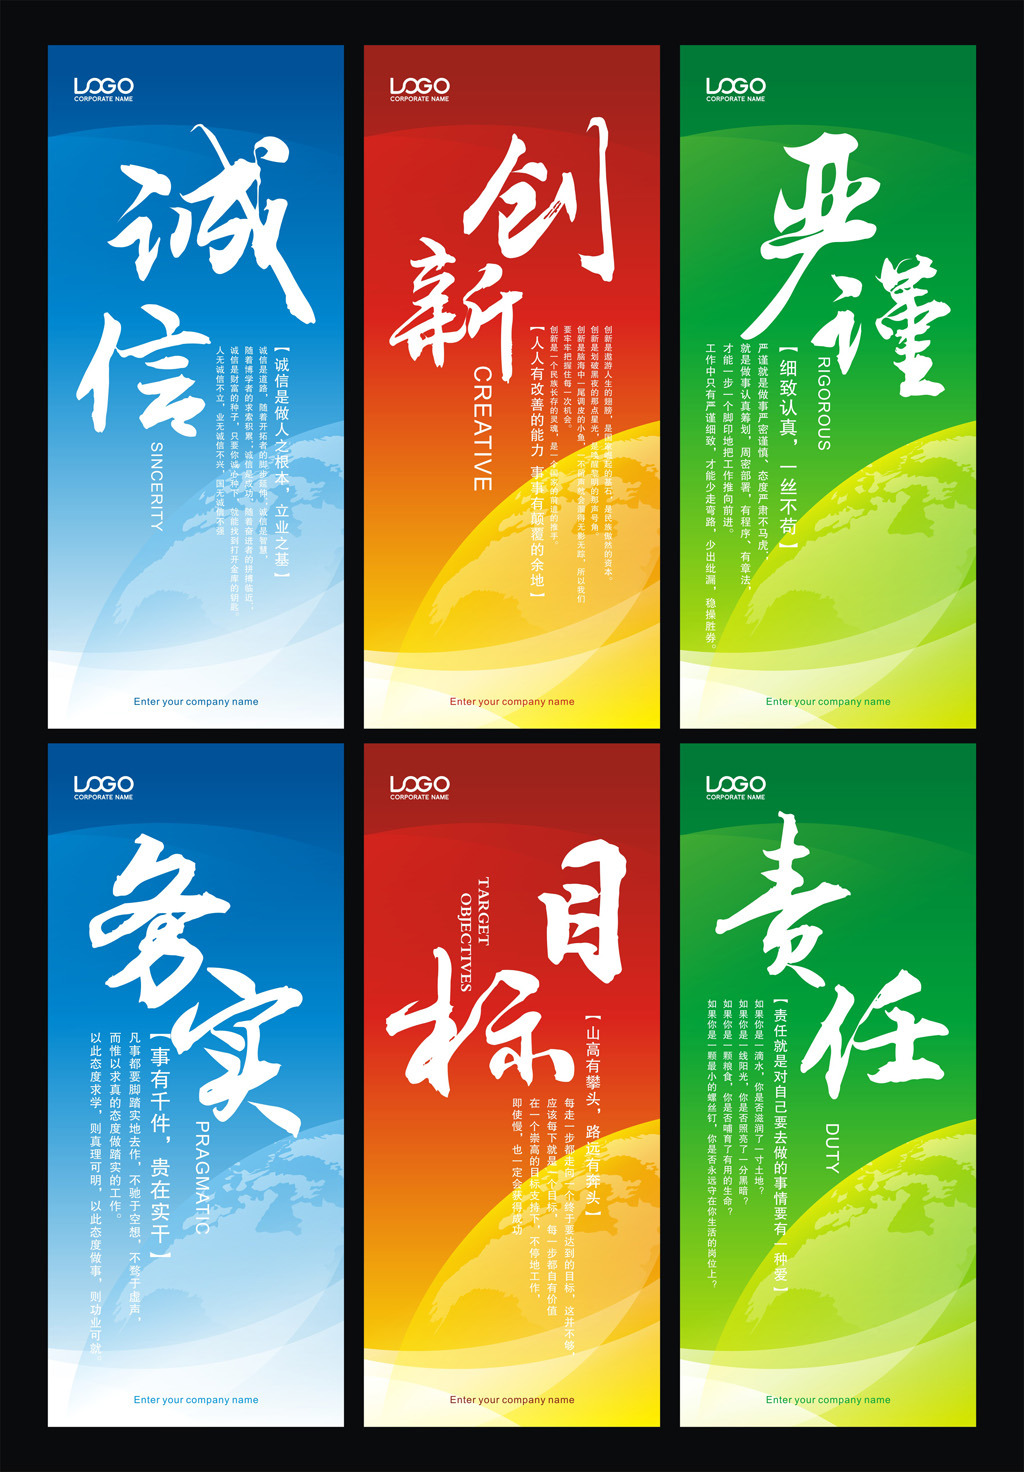 文化墙 背景墙 企业宣传海报 创新 诚信 团队 展板 制度牌 标语牌图片